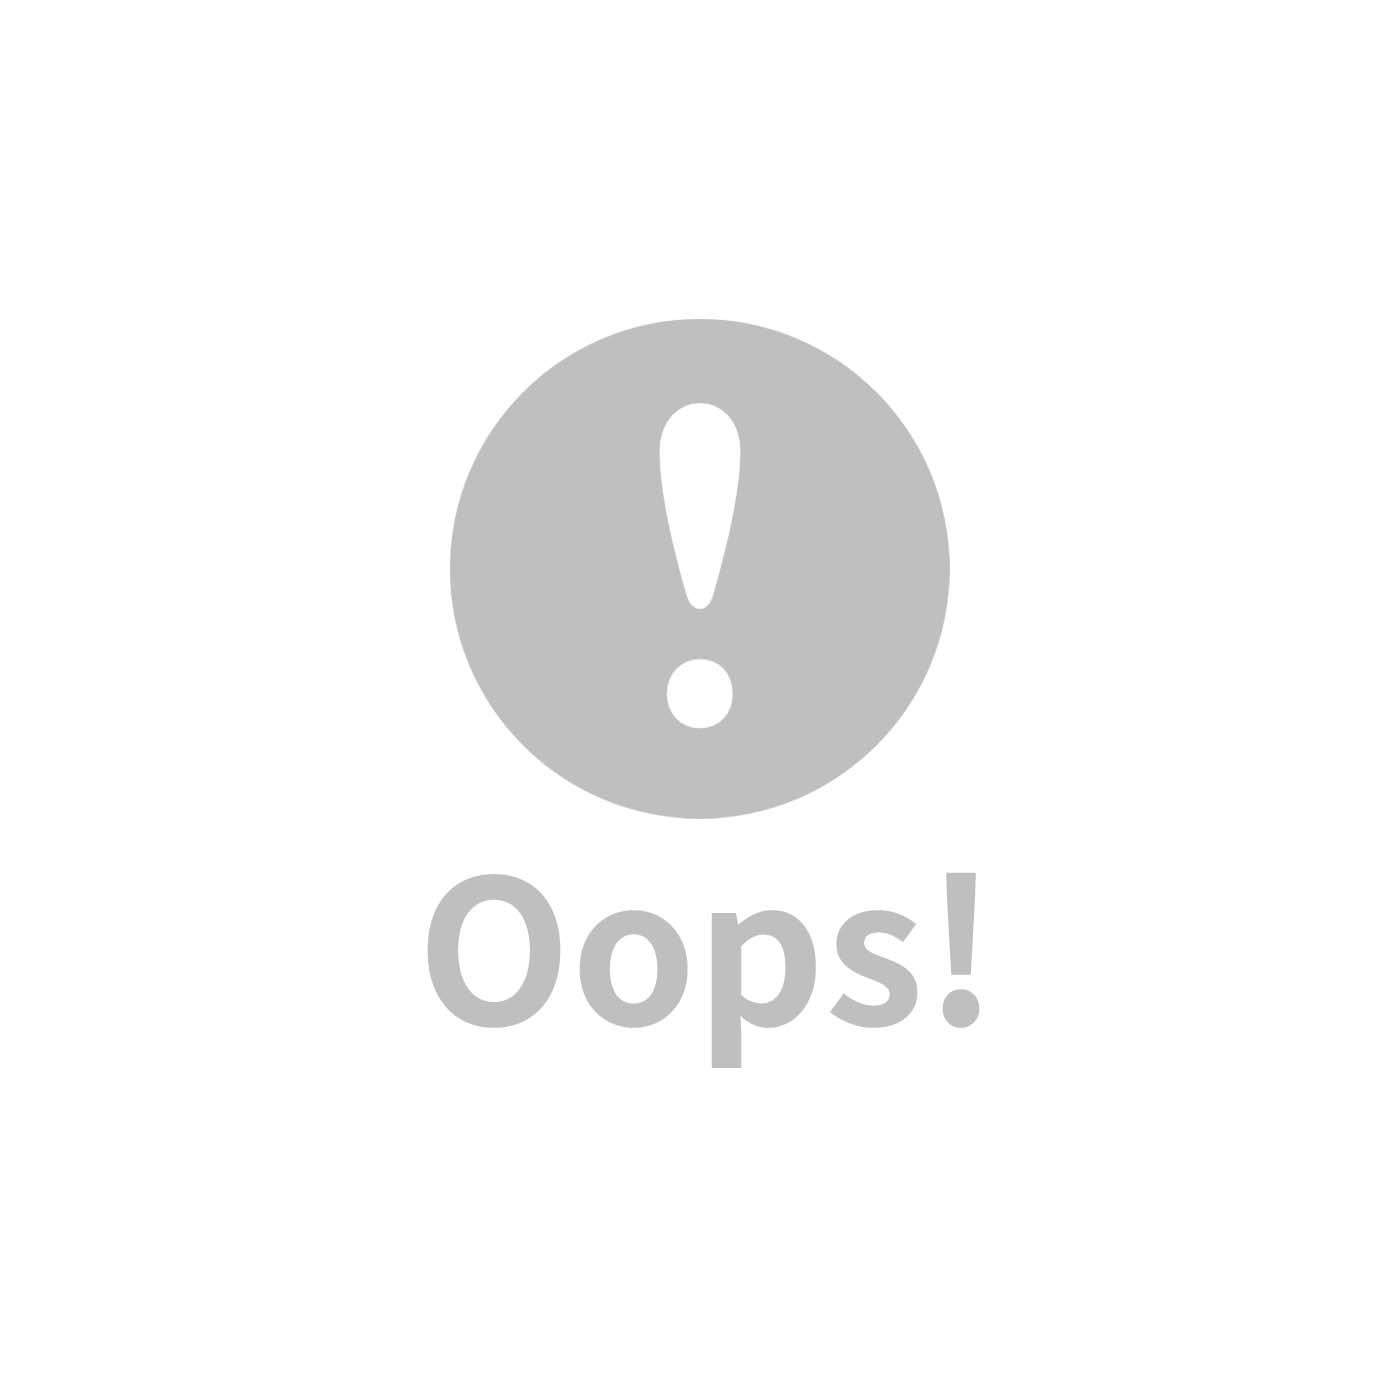 global affairs 童話手工編織安撫玩偶2(36cm)-斑馬哥